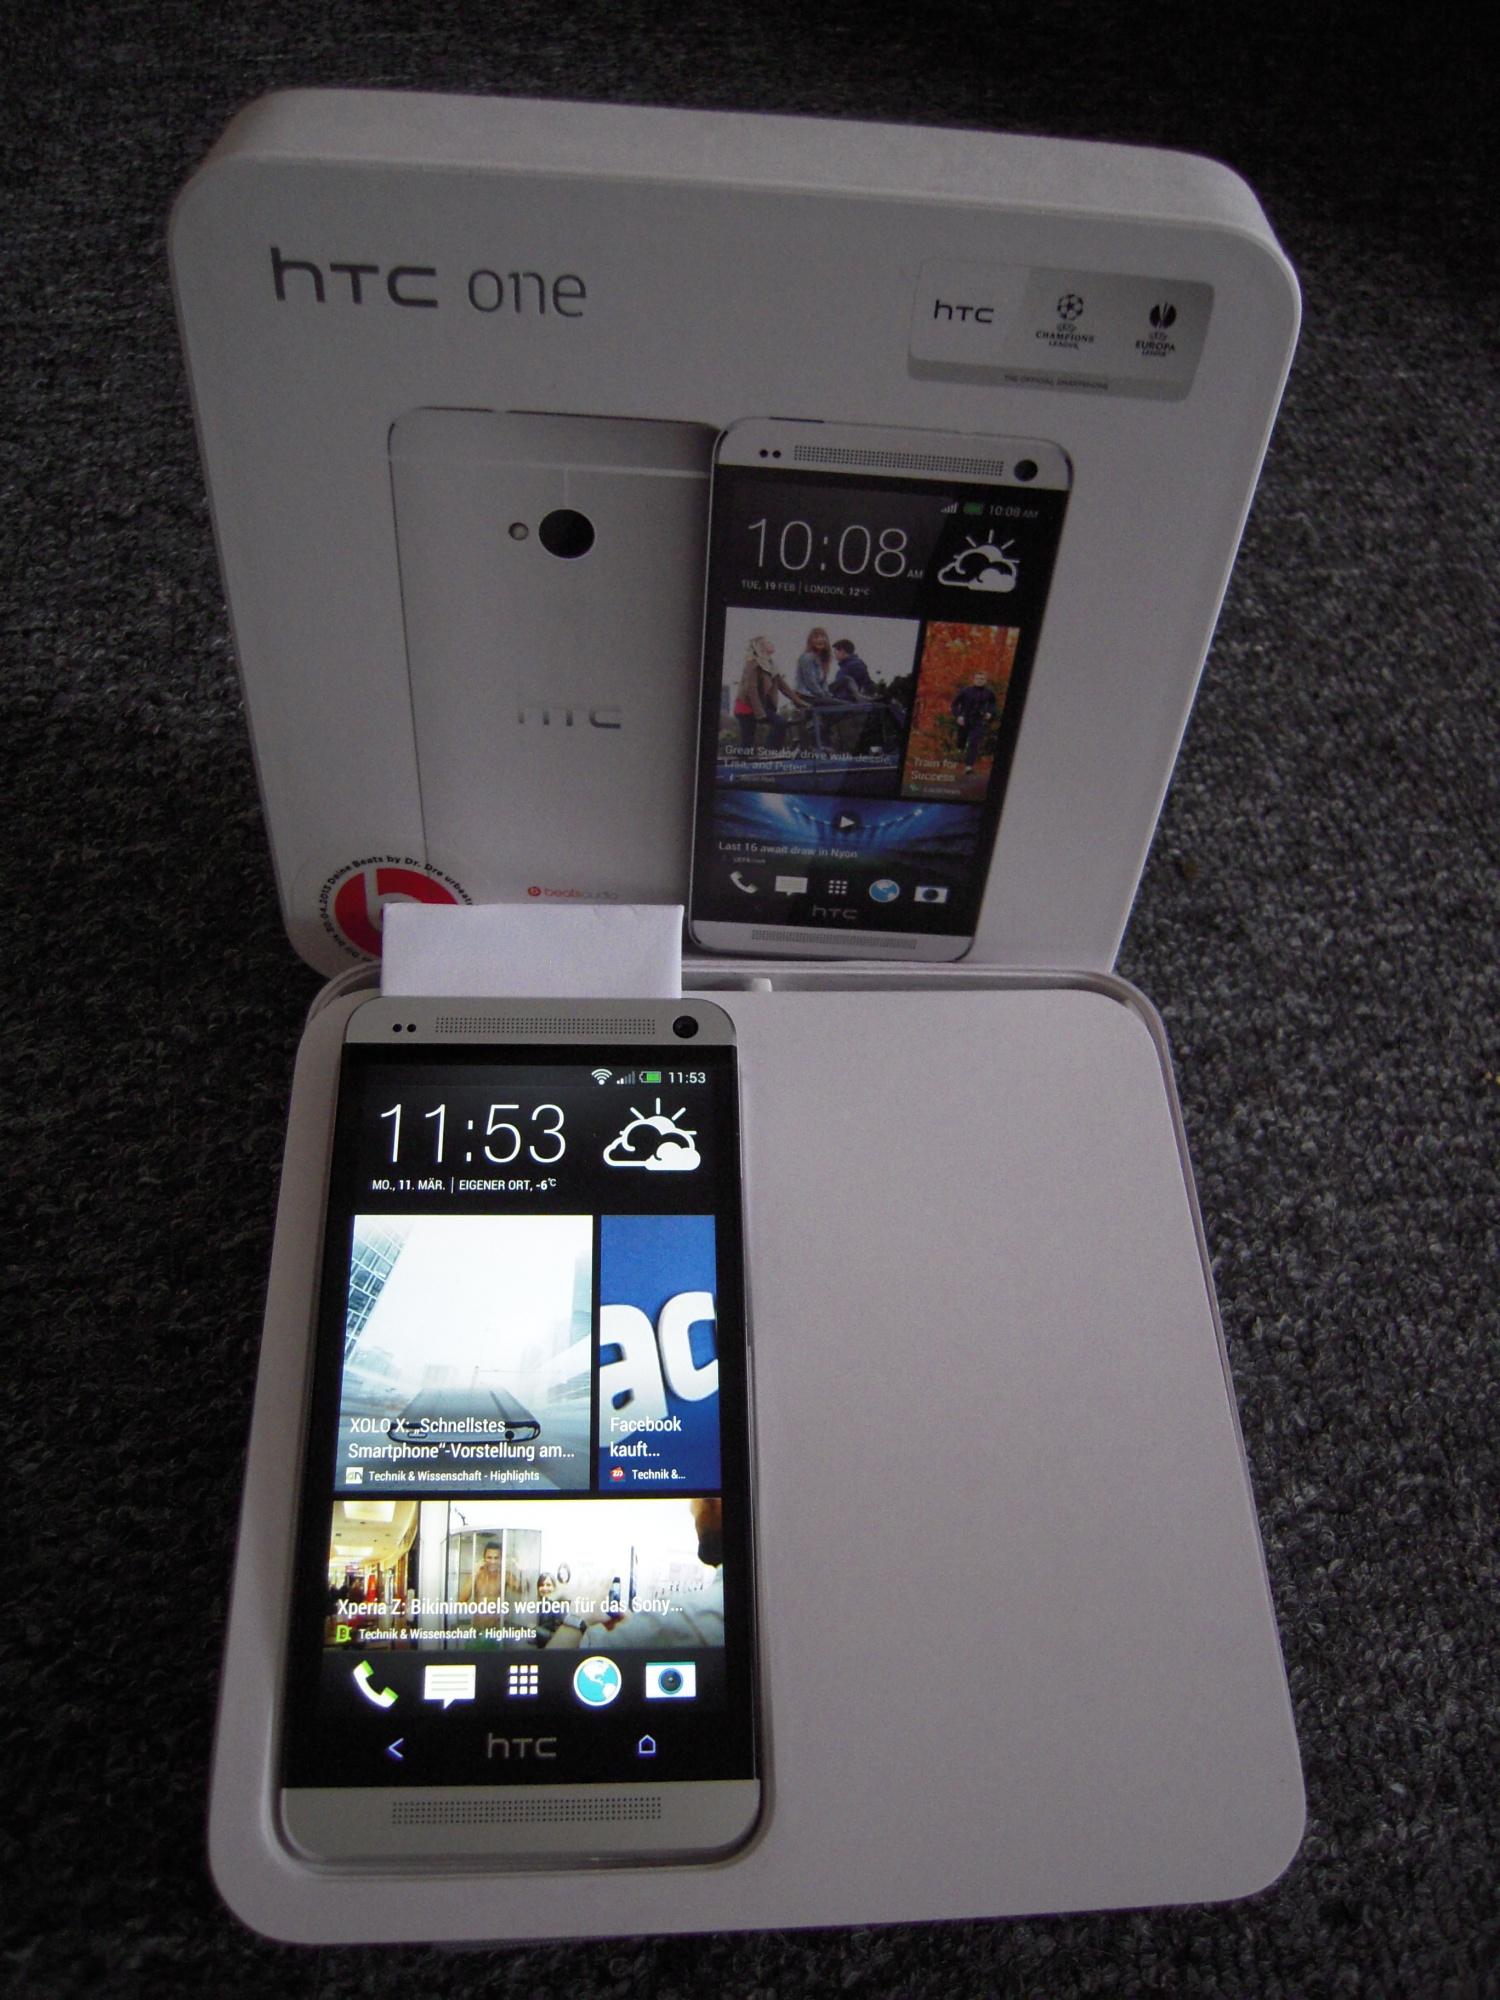 DSCN0440 HTC One Testbericht   Forenmoderator testet das neue Android Smartphone